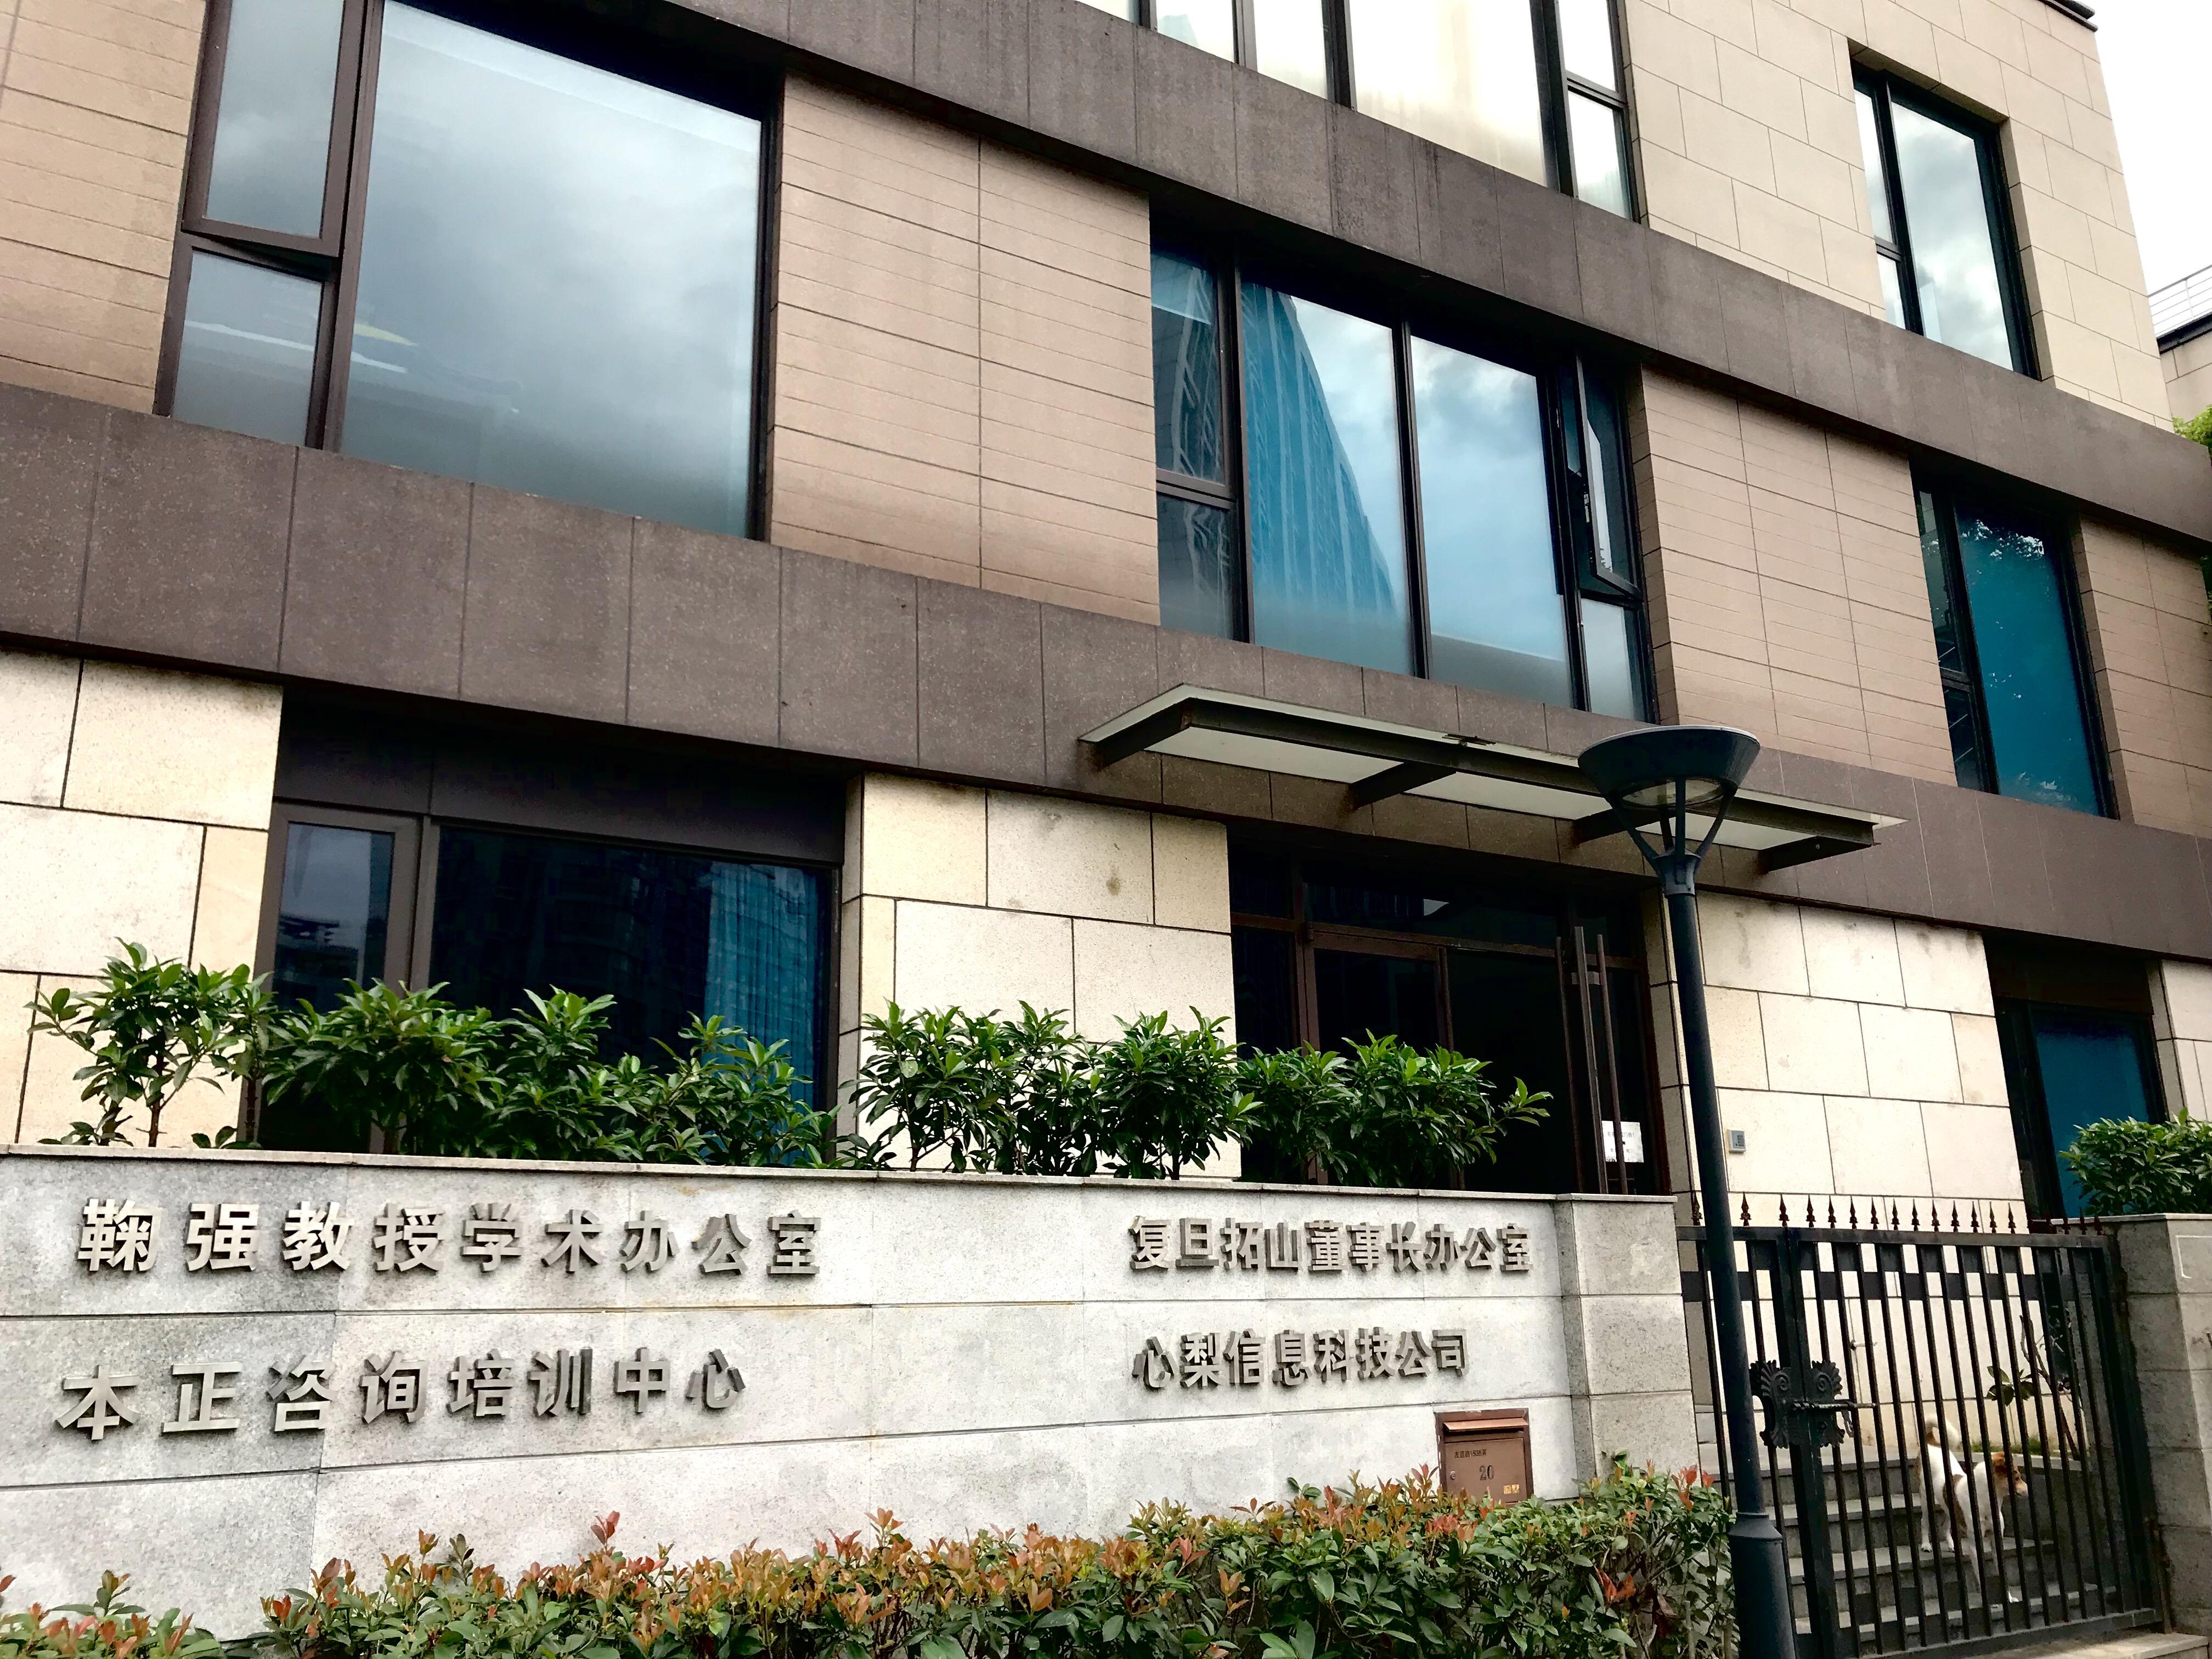 学生活动中心图片2.jpg